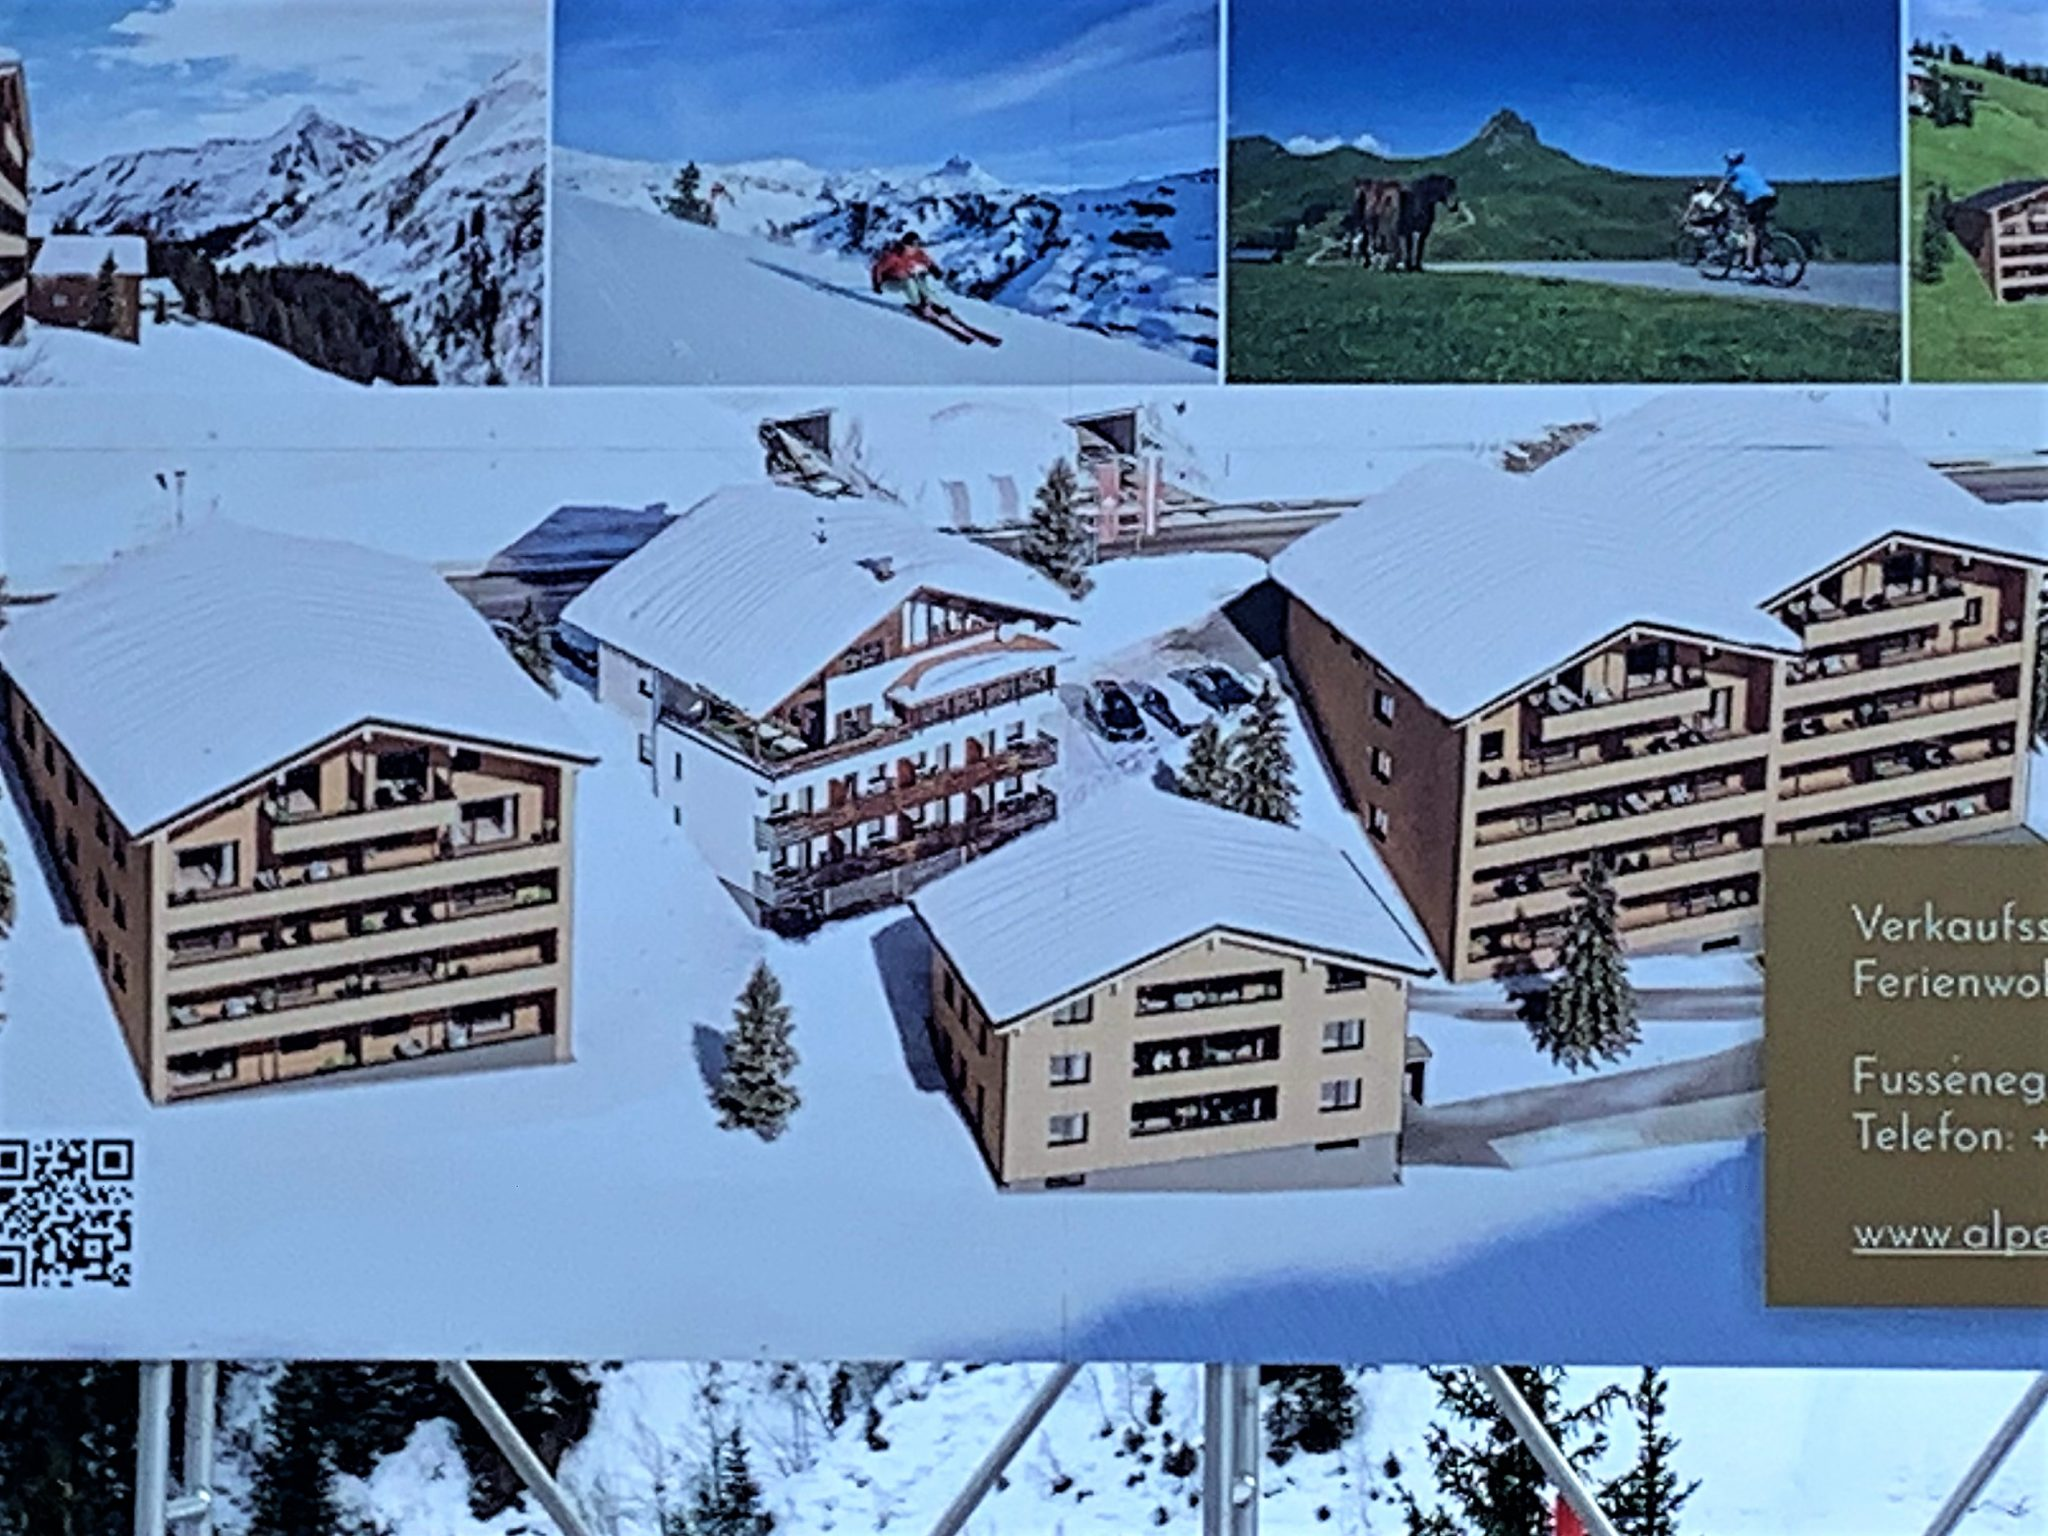 Ferienwohnungen Alpenstolz, Damüls